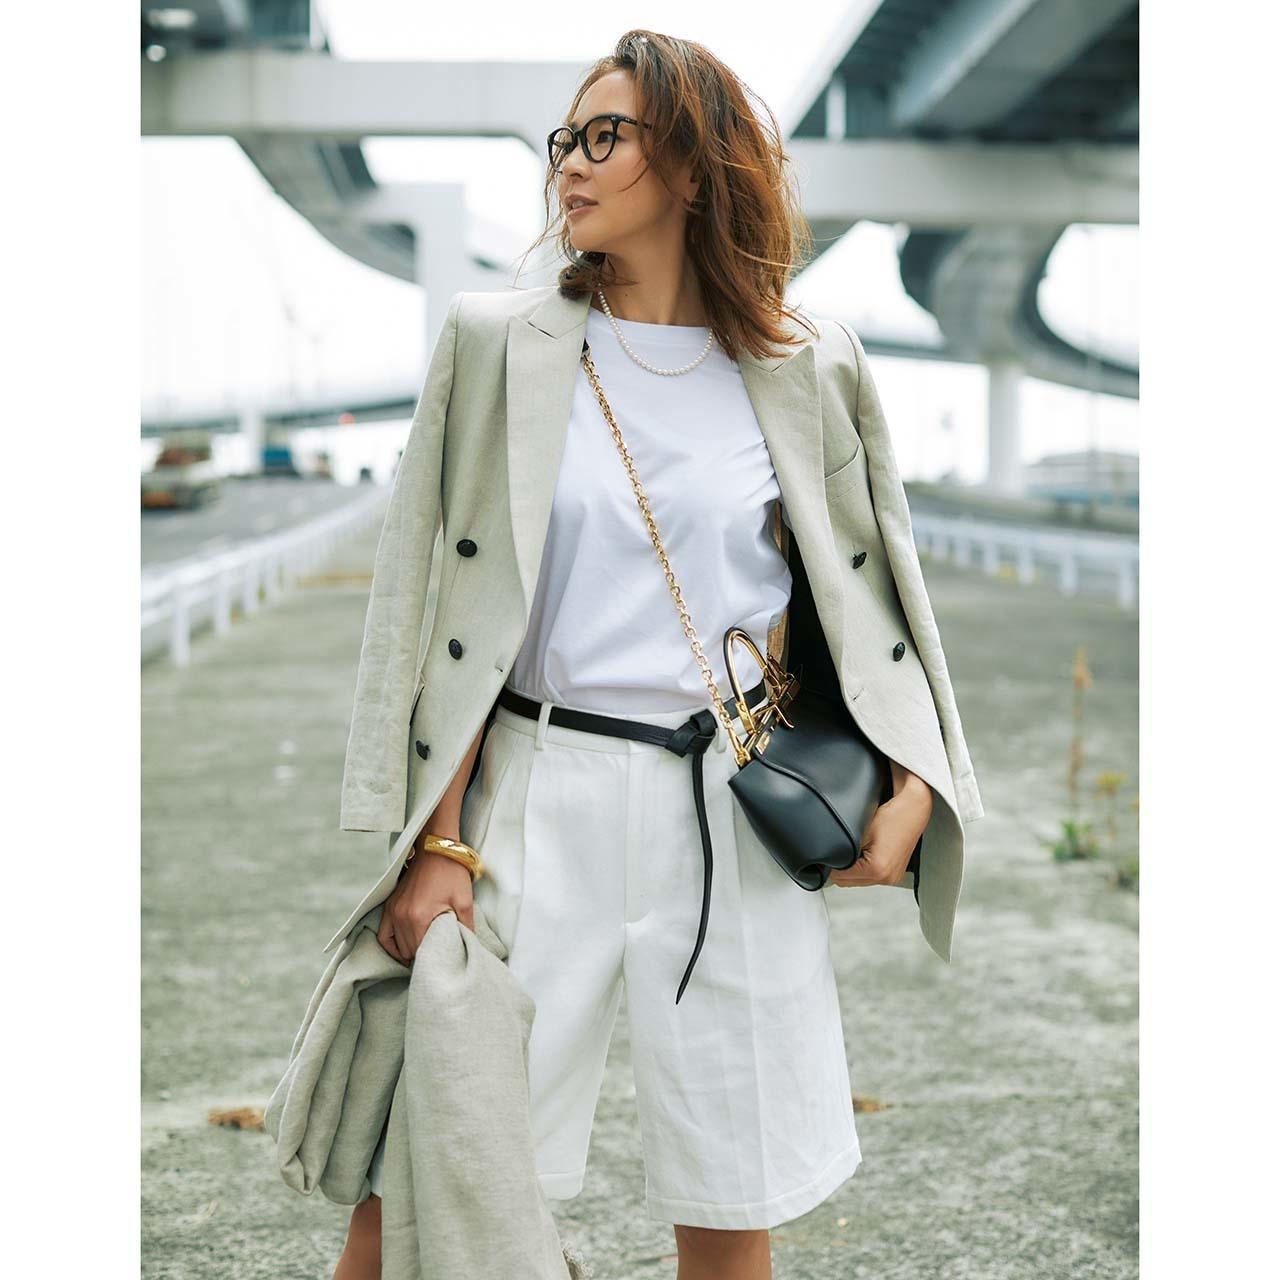 40代が輝く、大人のための上品カジュアルなTシャツコーデカタログ | アラフォーファッション_1_7